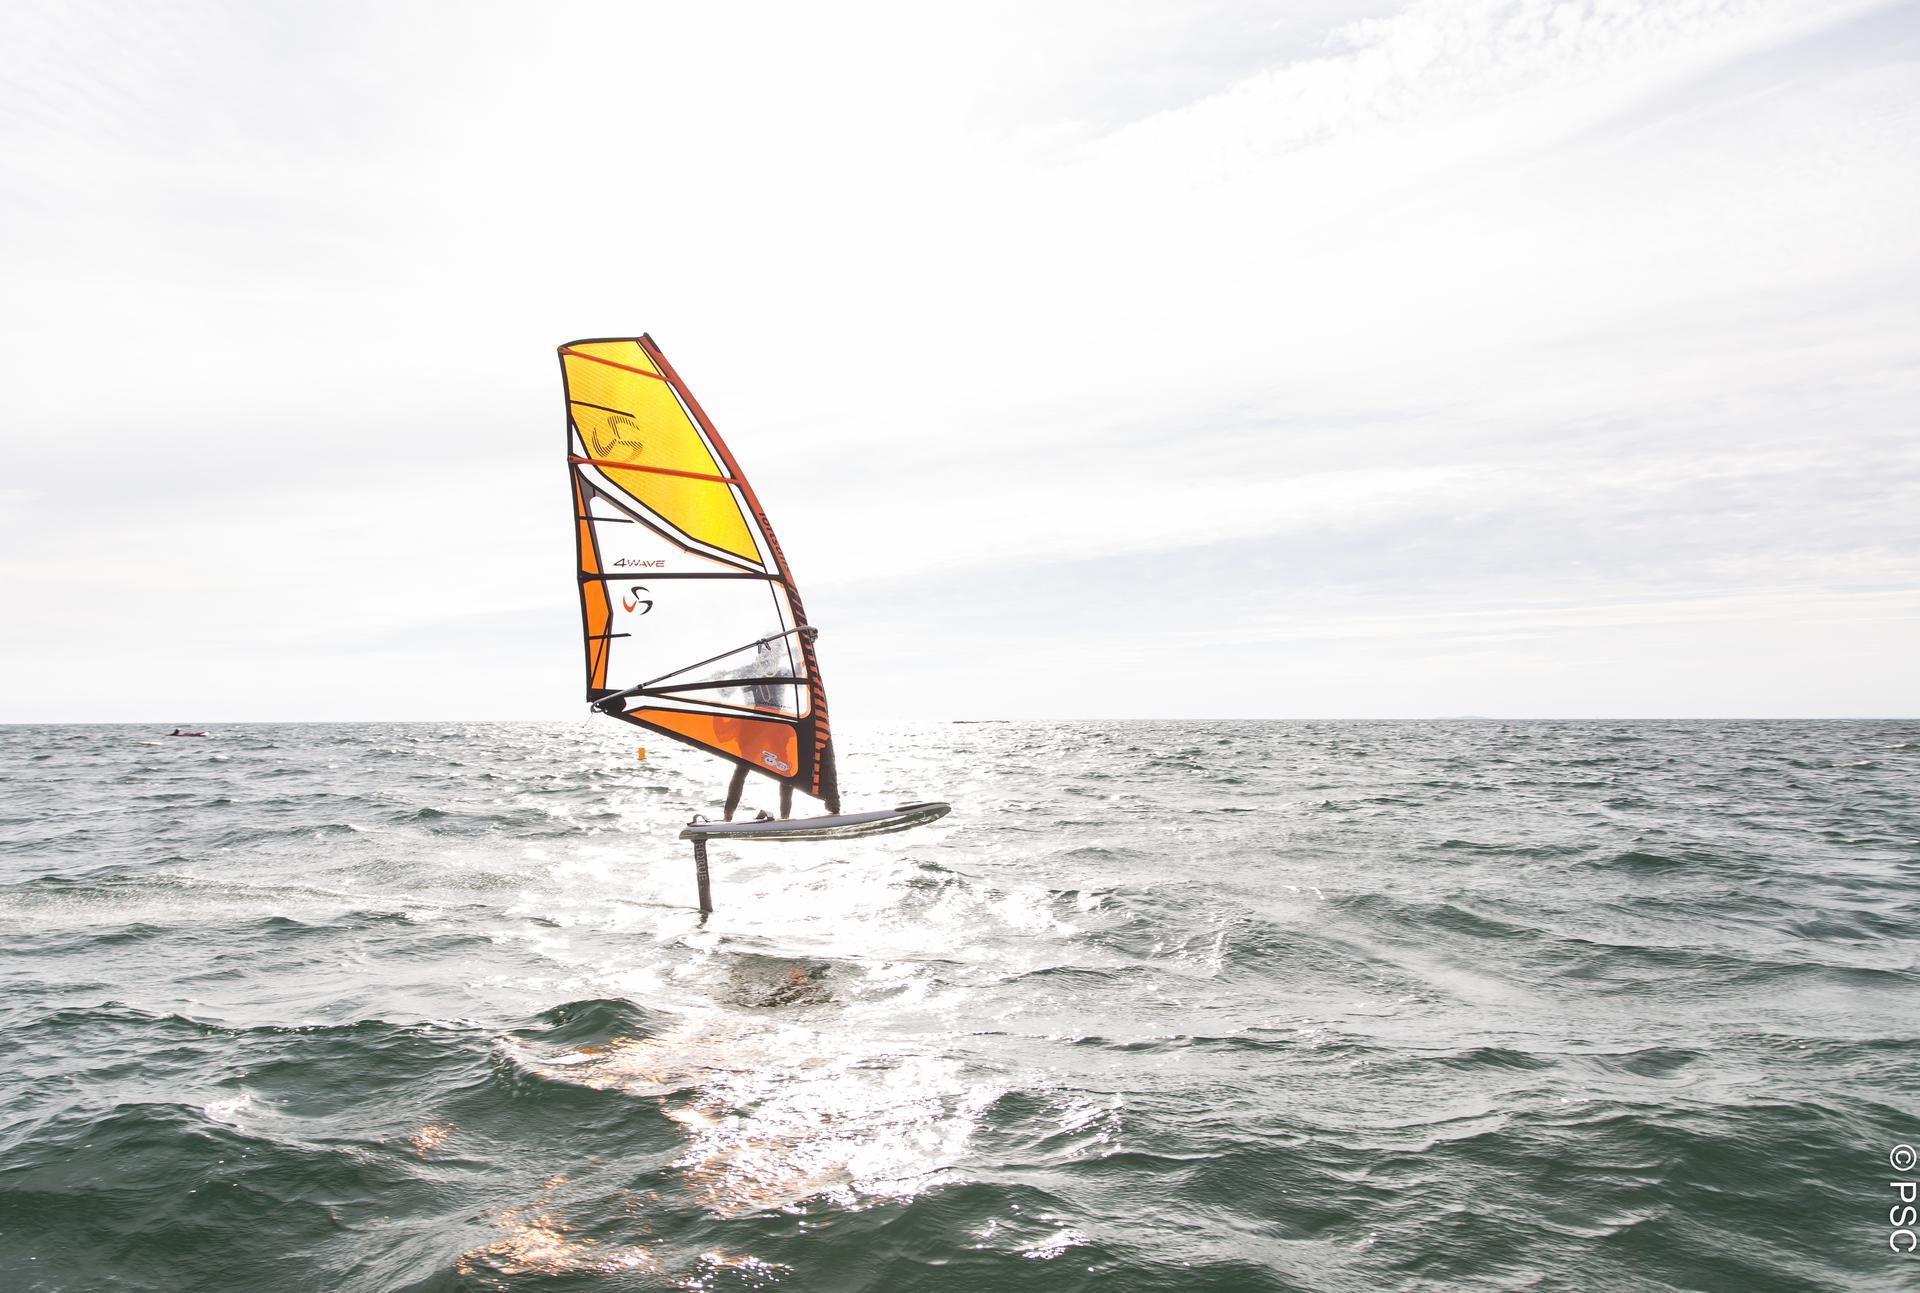 Idée cadeau : Cours particulier en windfoil au Club Nautique du Rohu